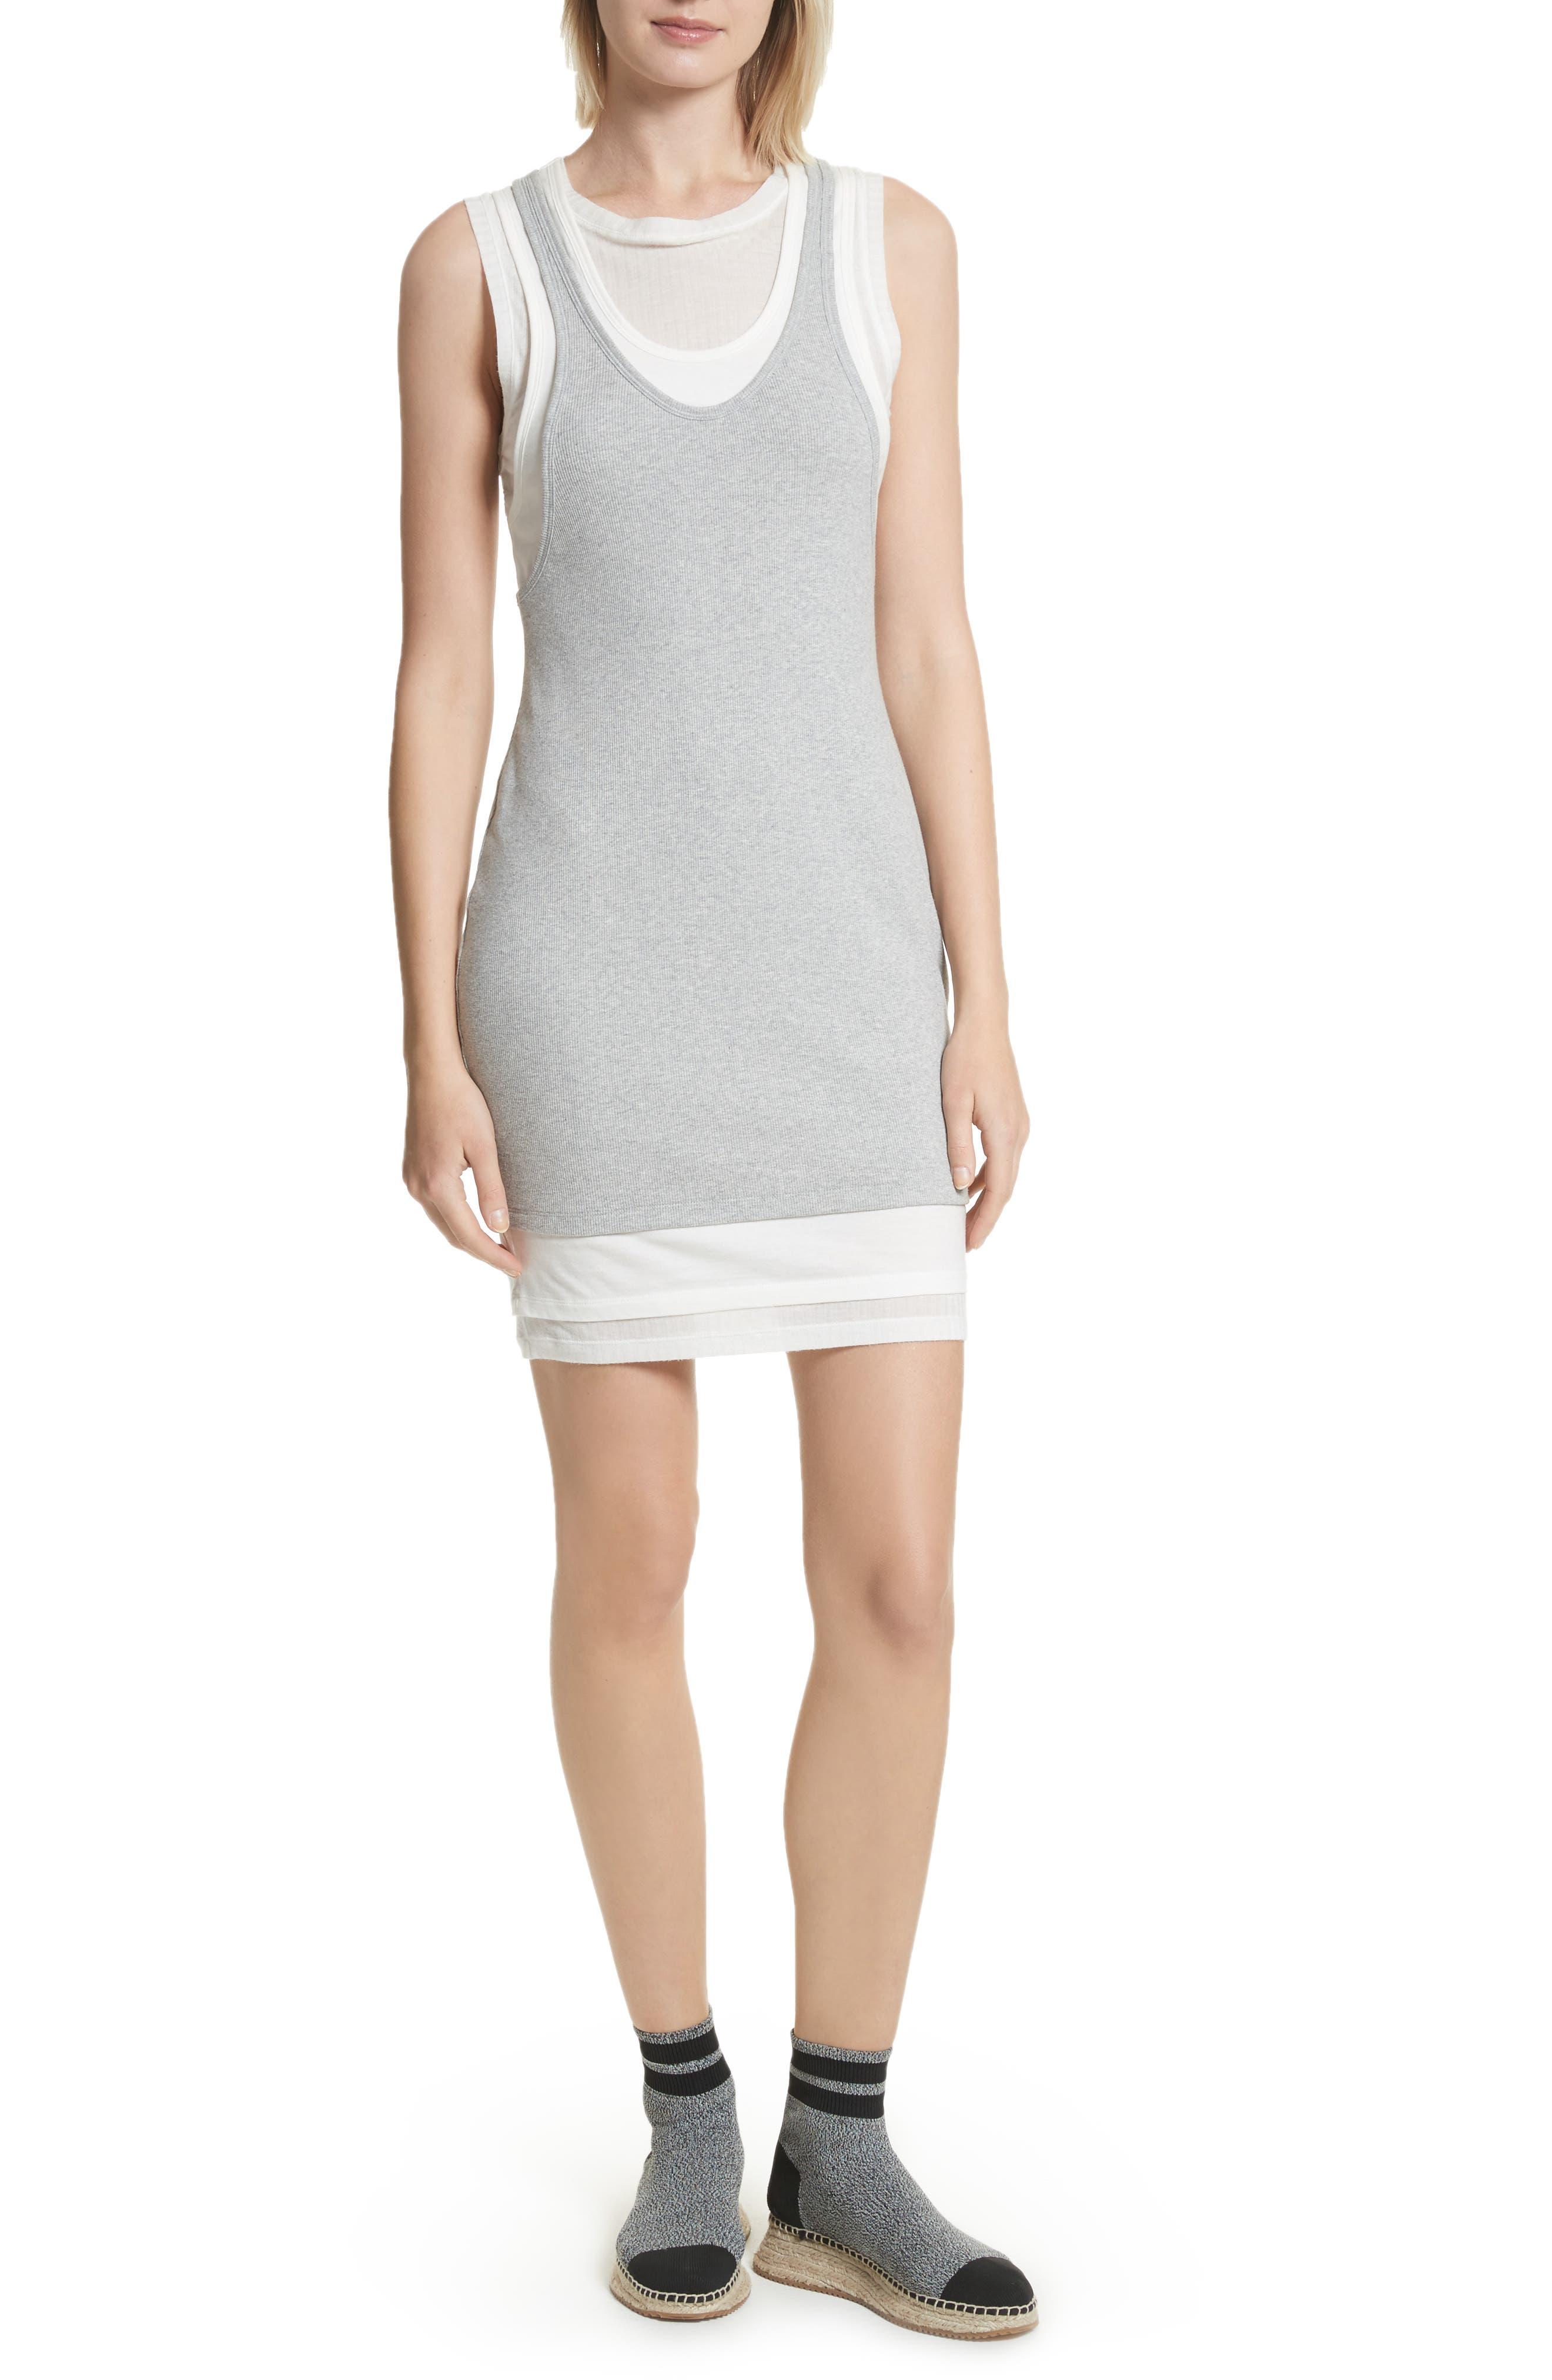 Alexander Wang Layered Mixed Media Dress,                             Main thumbnail 1, color,                             Heather Grey Off White